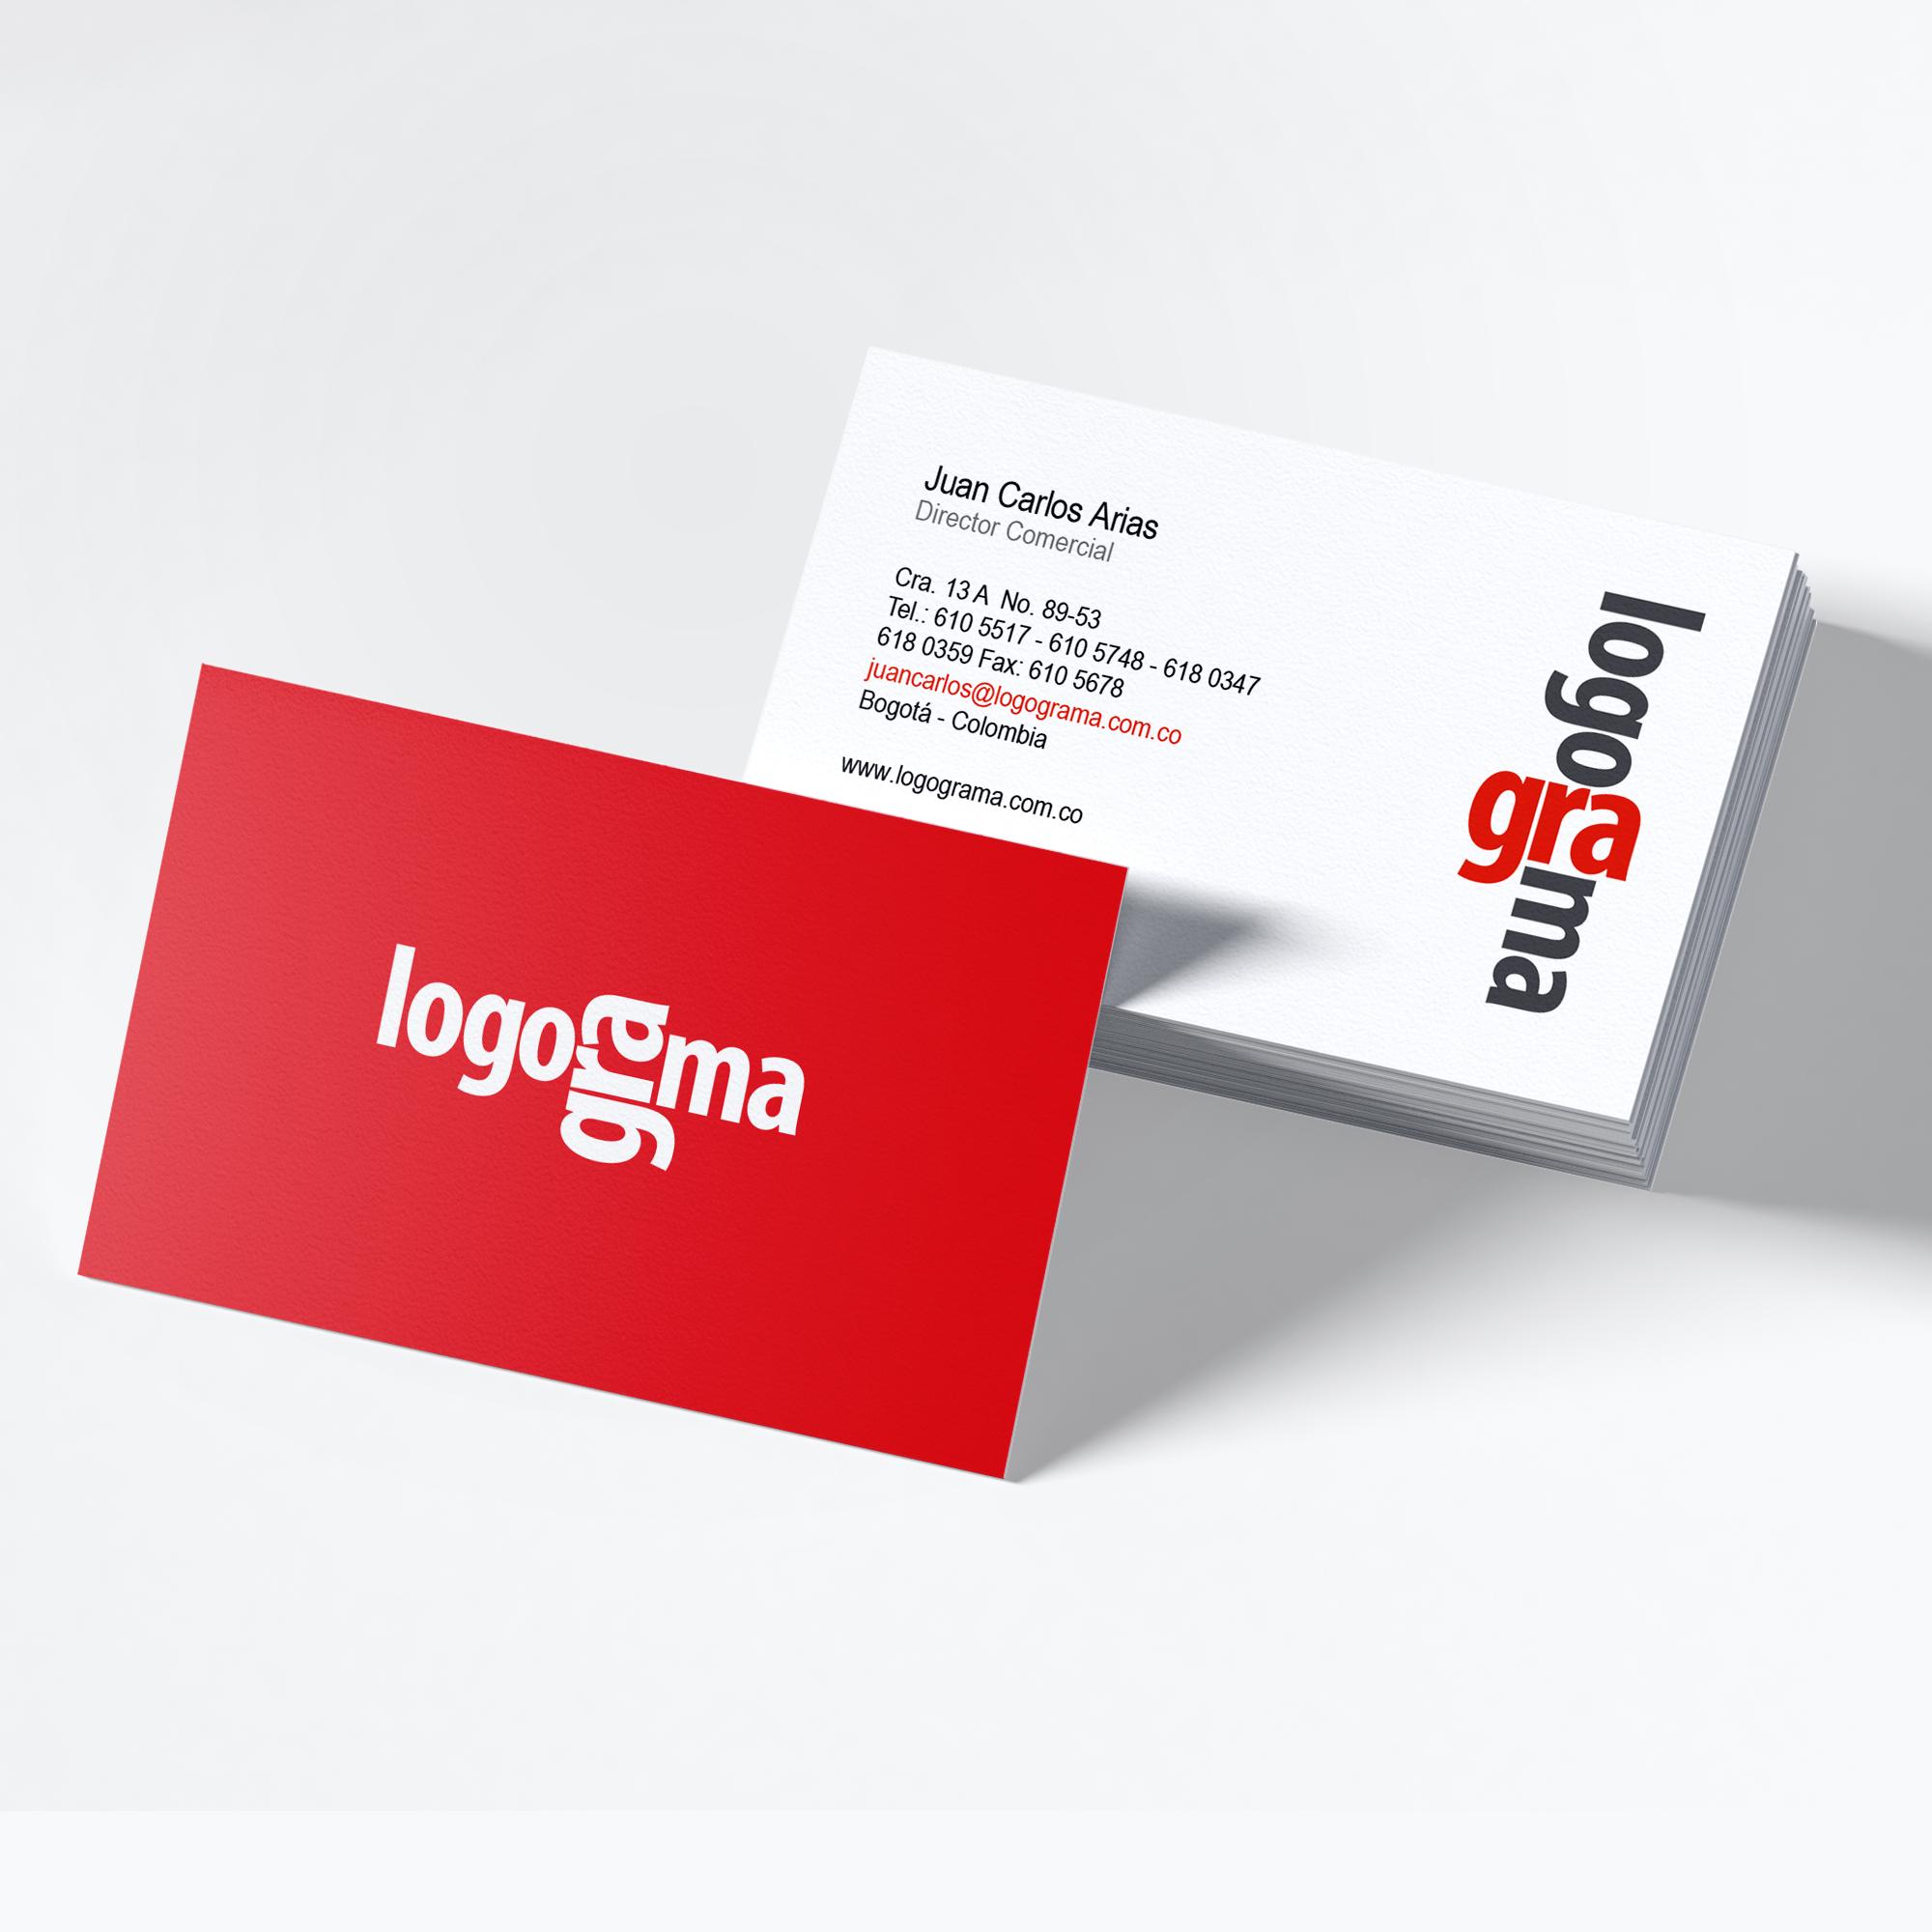 bf720c417c147 Tarjetas de Presentación impresas a doble cara sin laminar. tarjetas-de- presentacion-4x4 1780701814